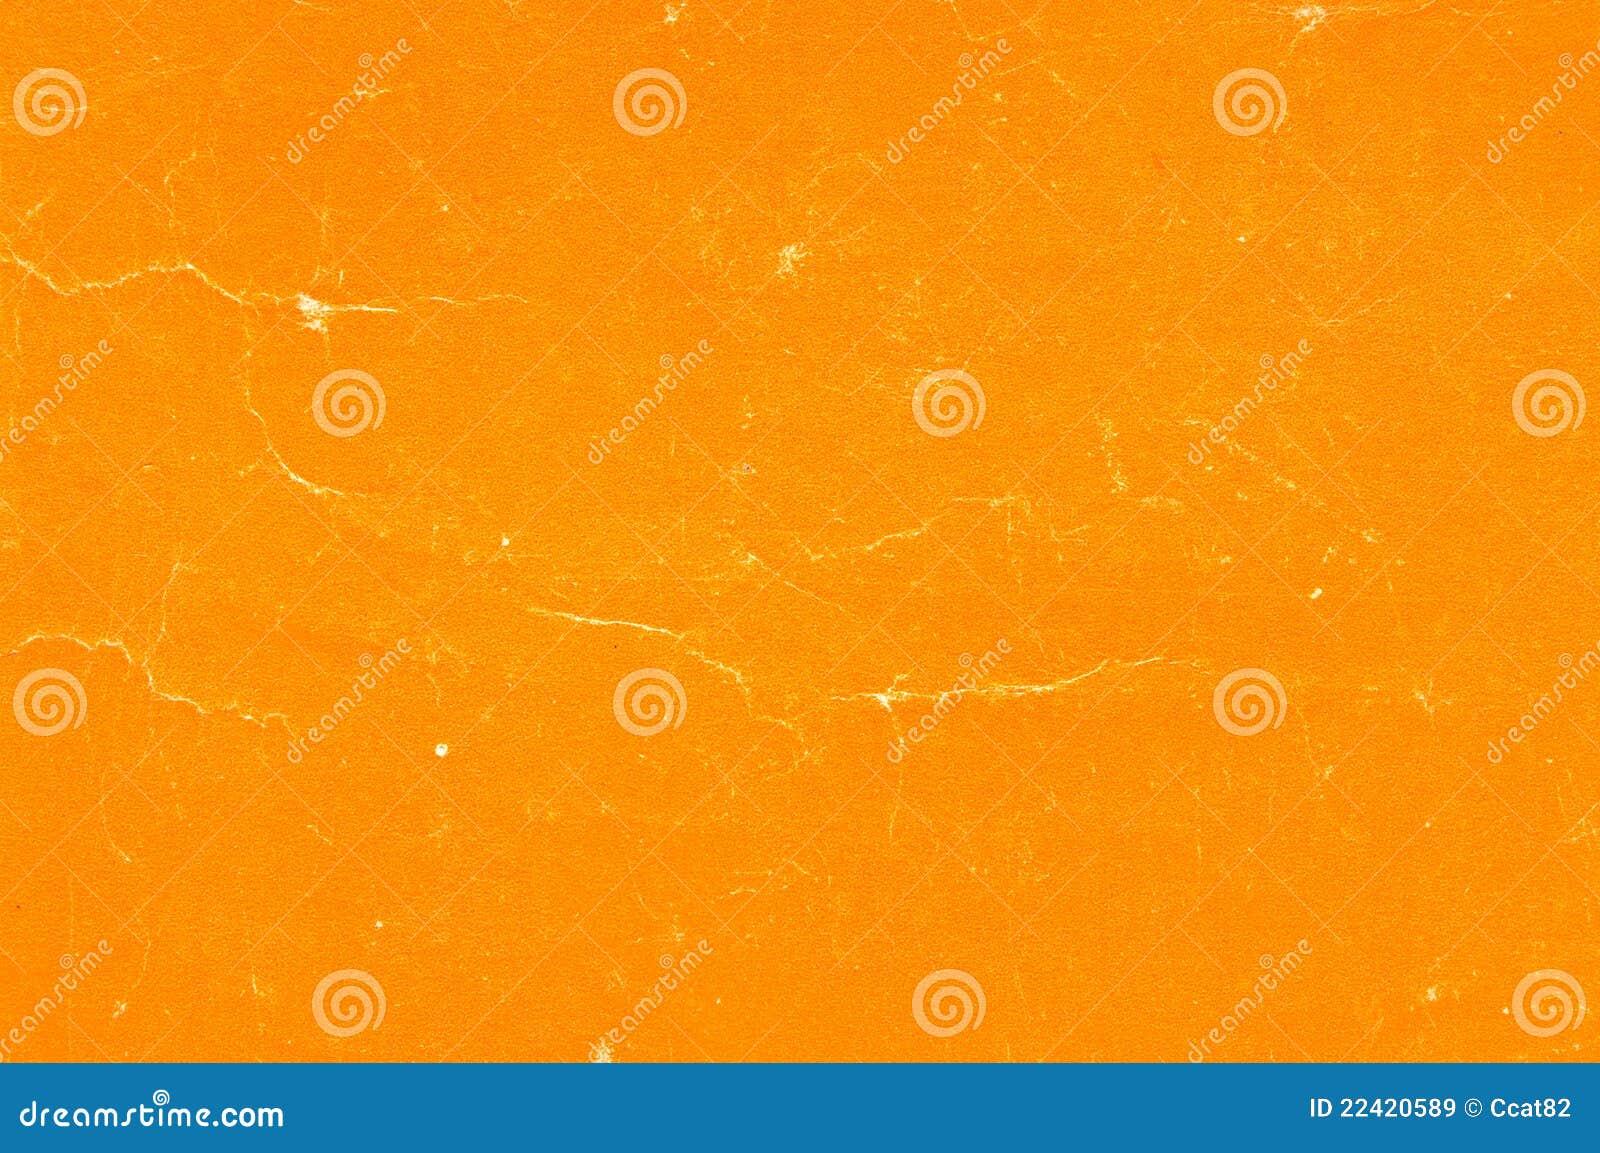 orange background free stock - photo #9